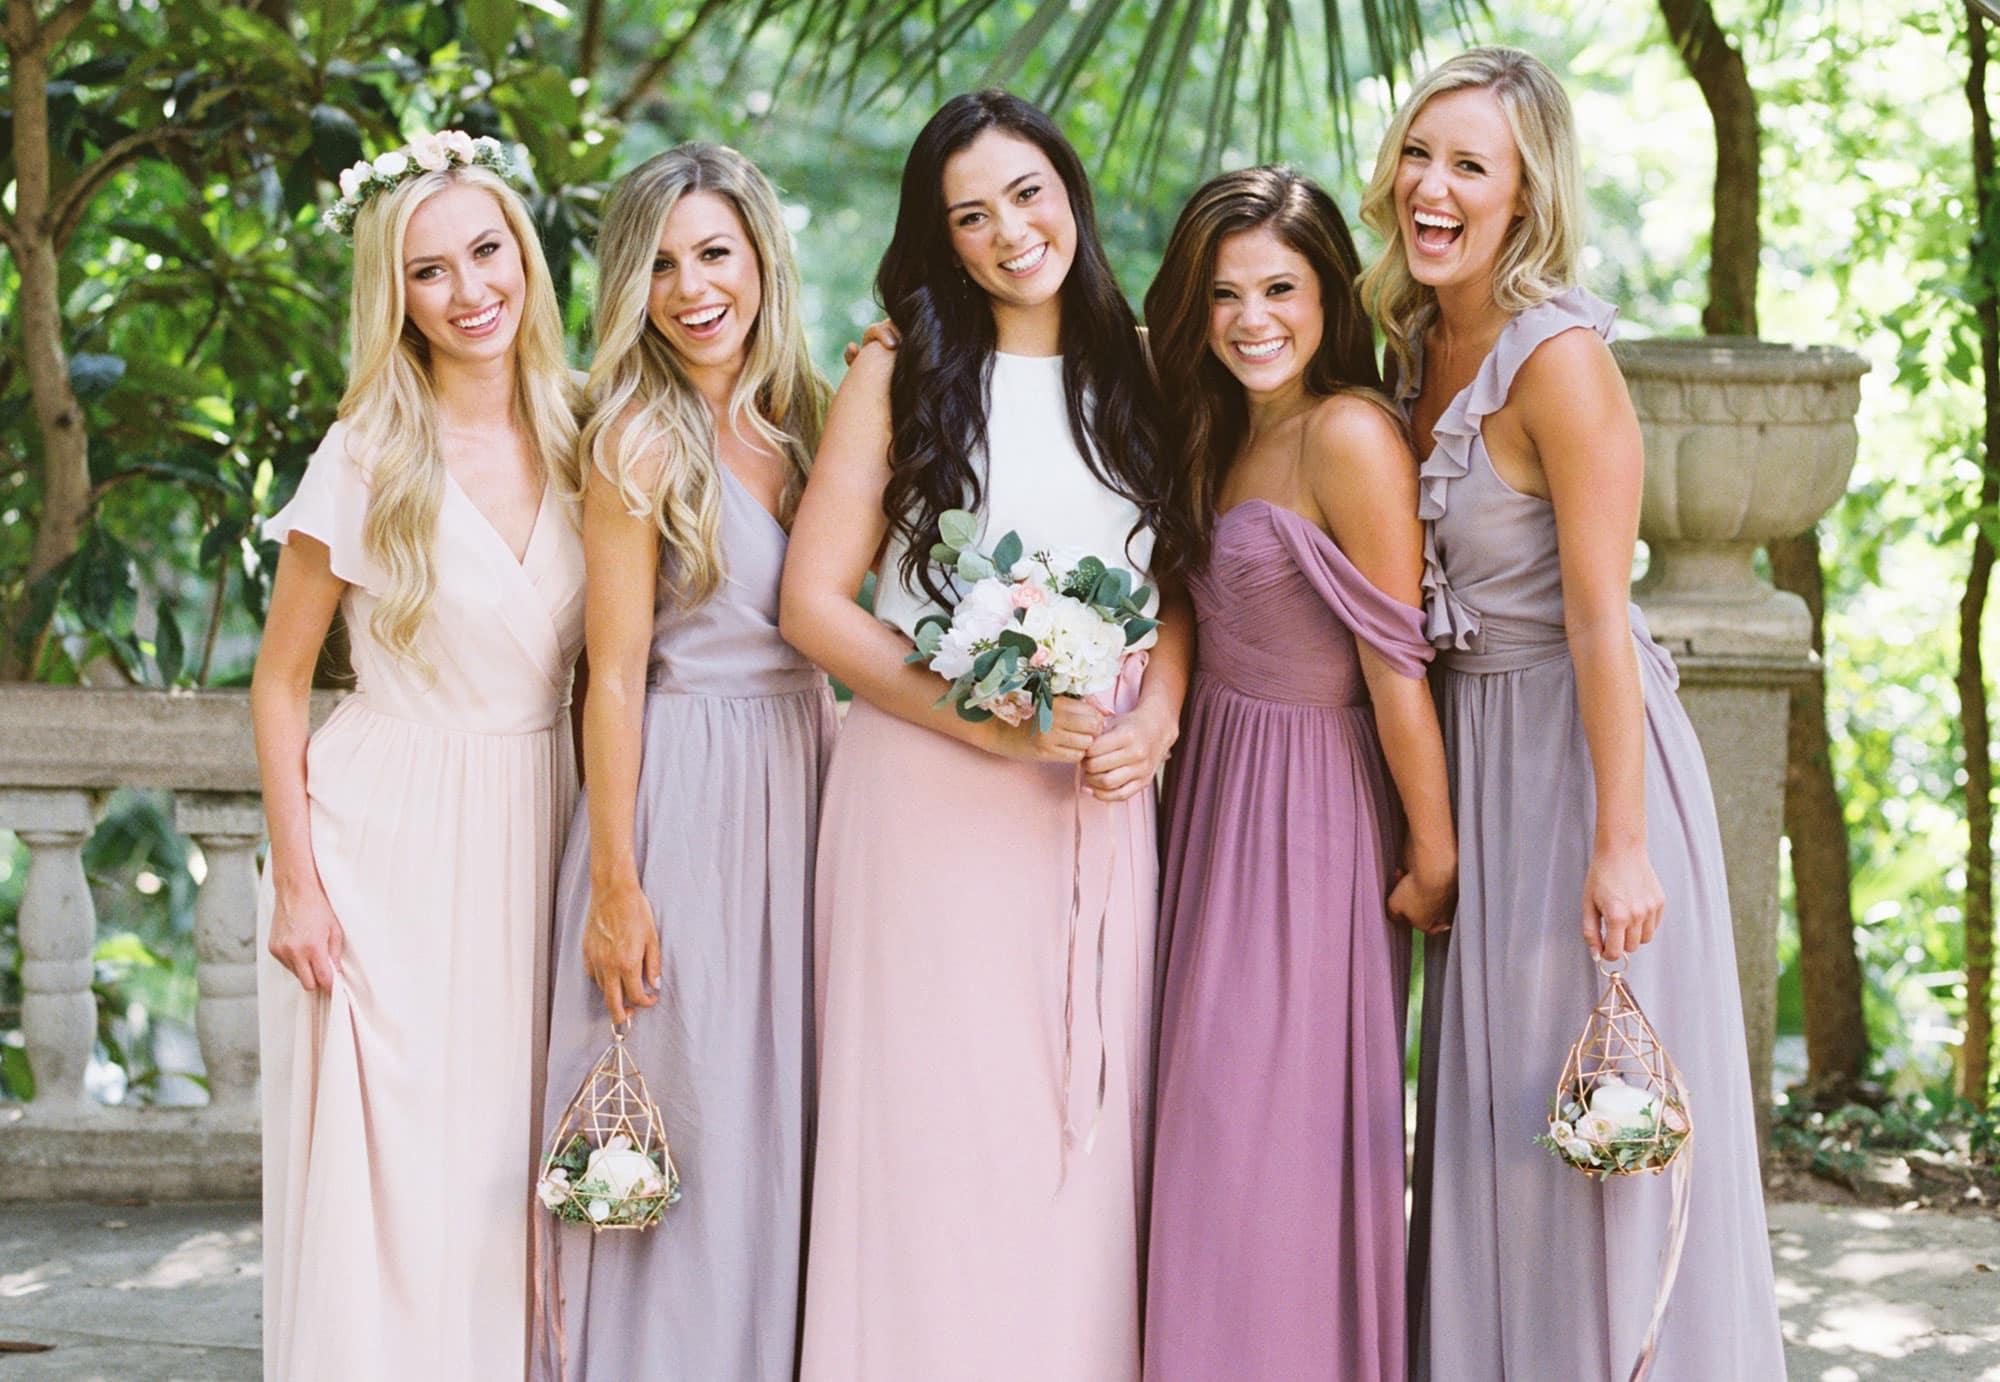 صور فساتين صديقات( أصحاب) العروسة تجنن